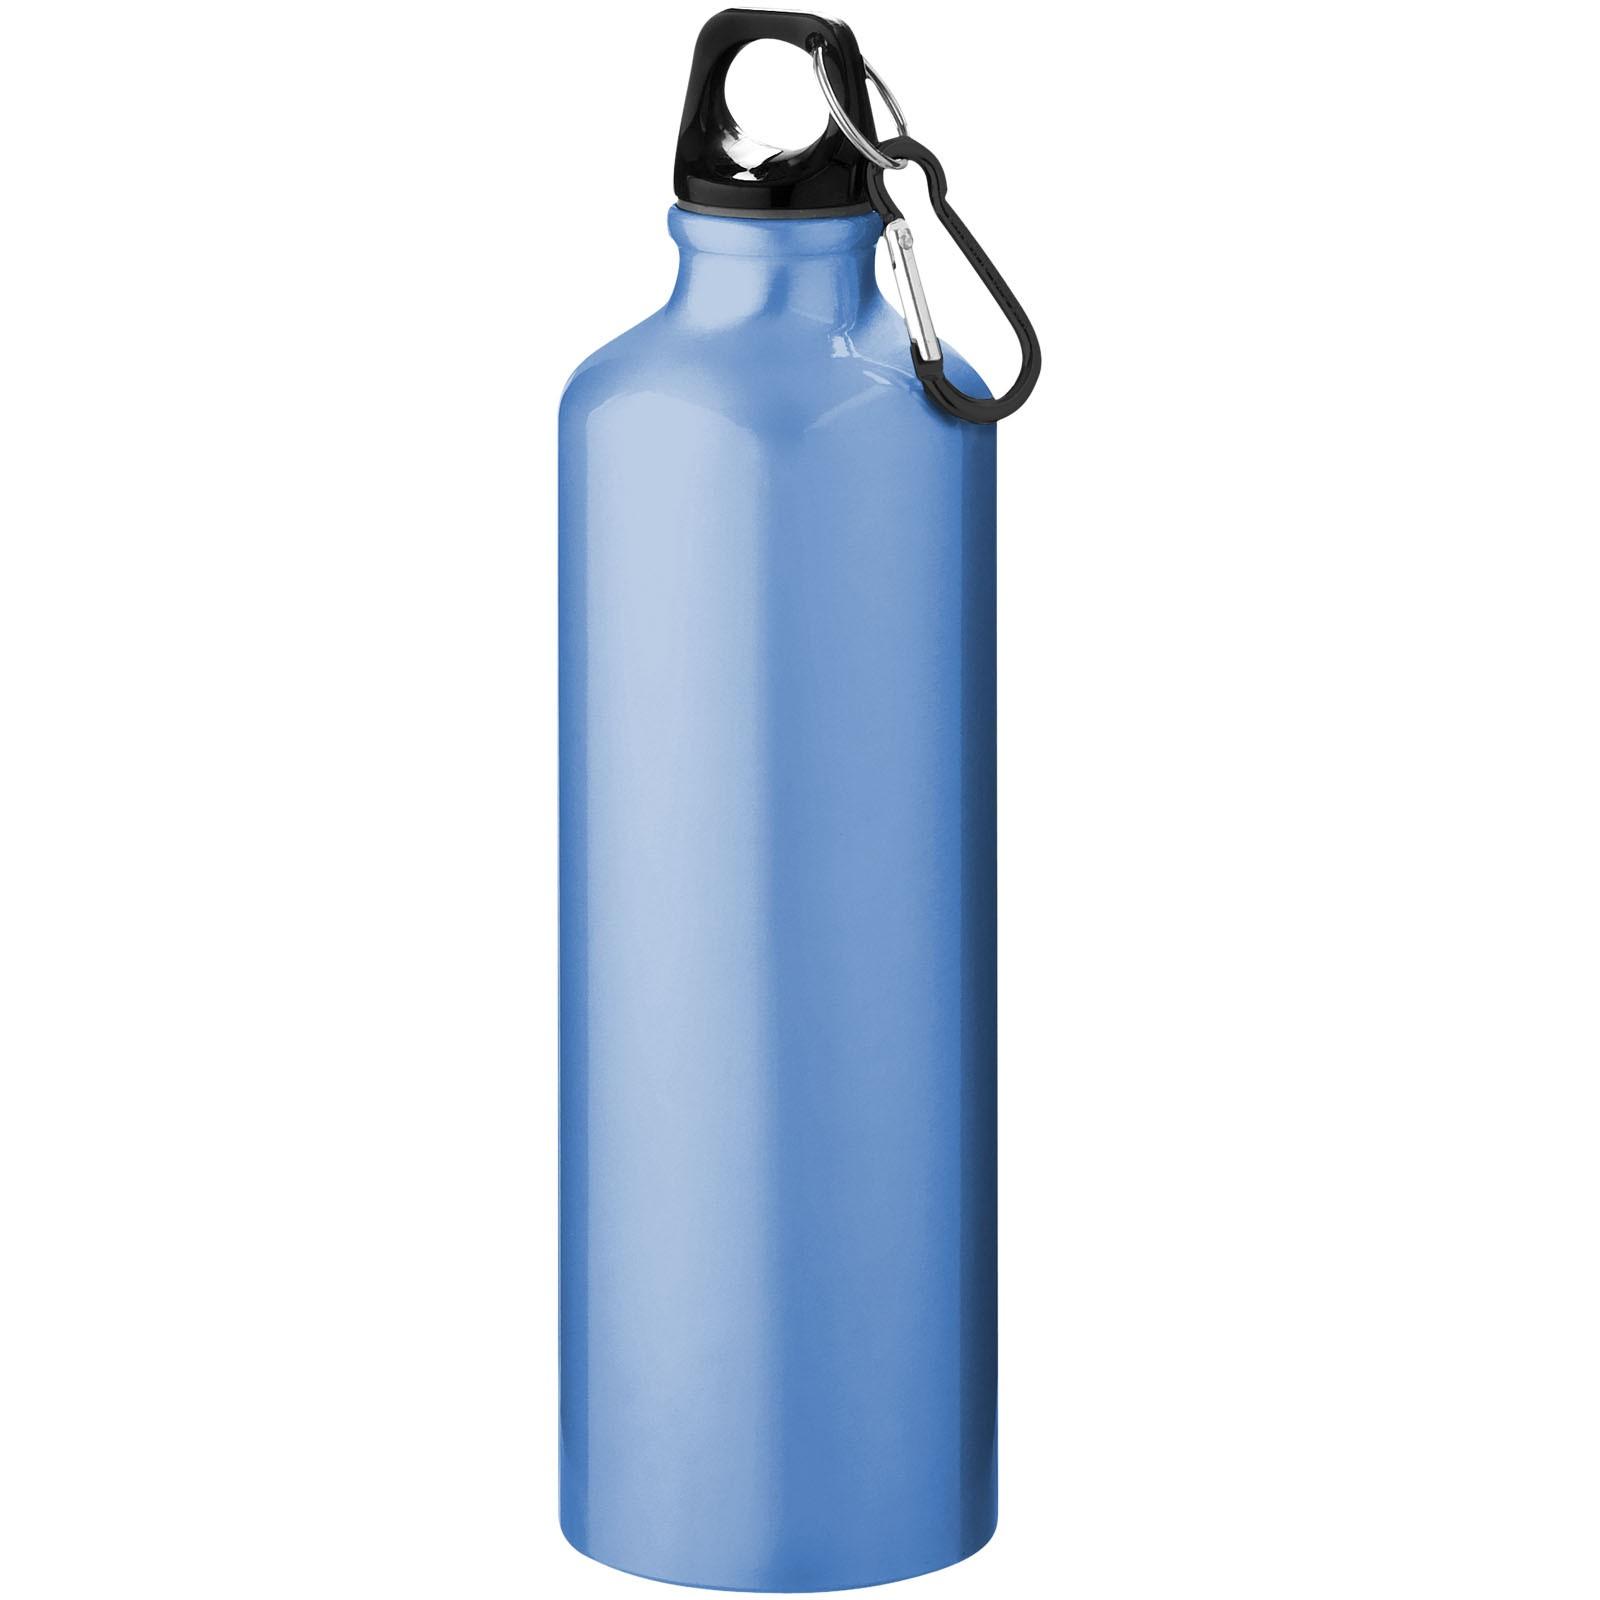 Láhev s karabinou Pacific - Světle modrá